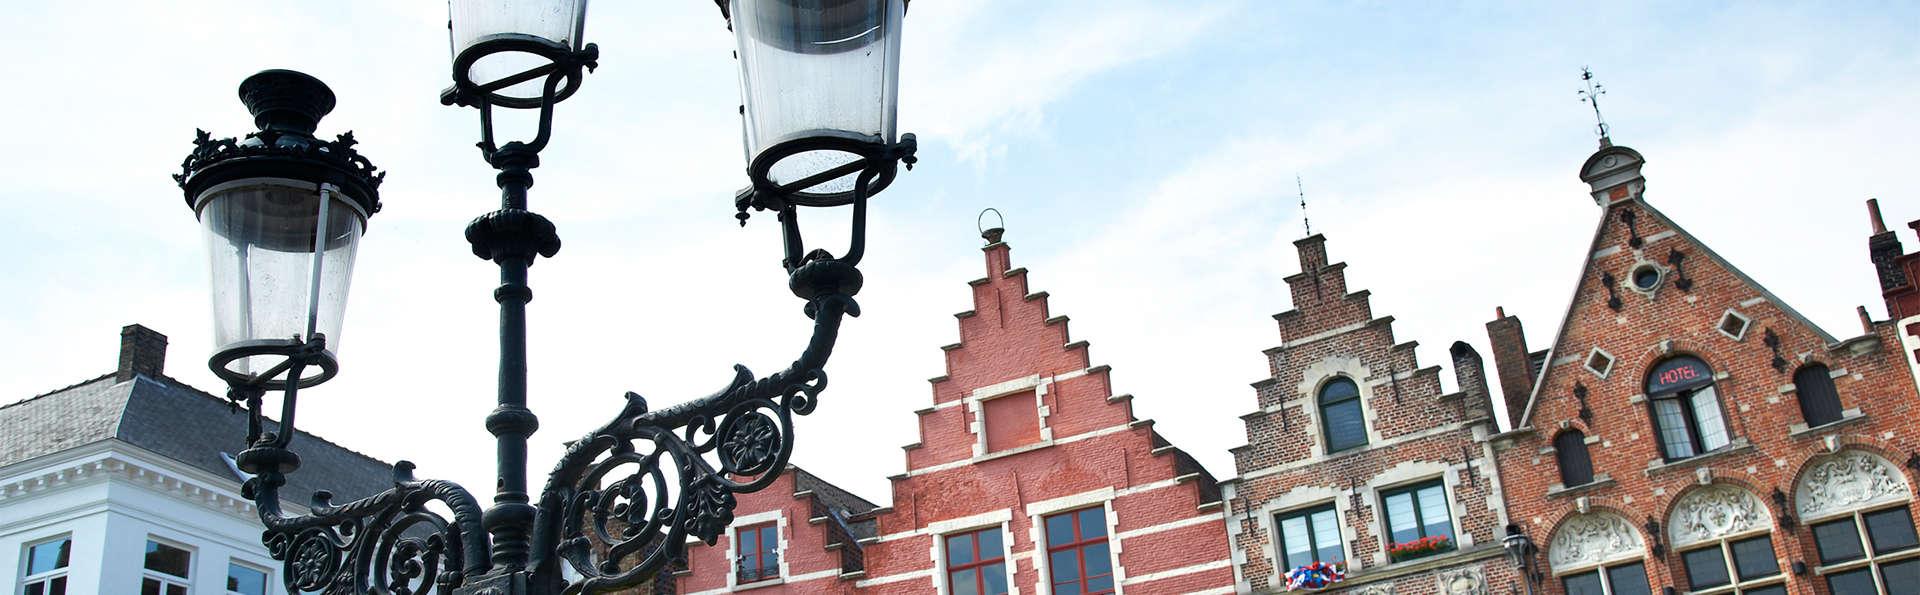 Ontdek Brugge en haar historisch verleden